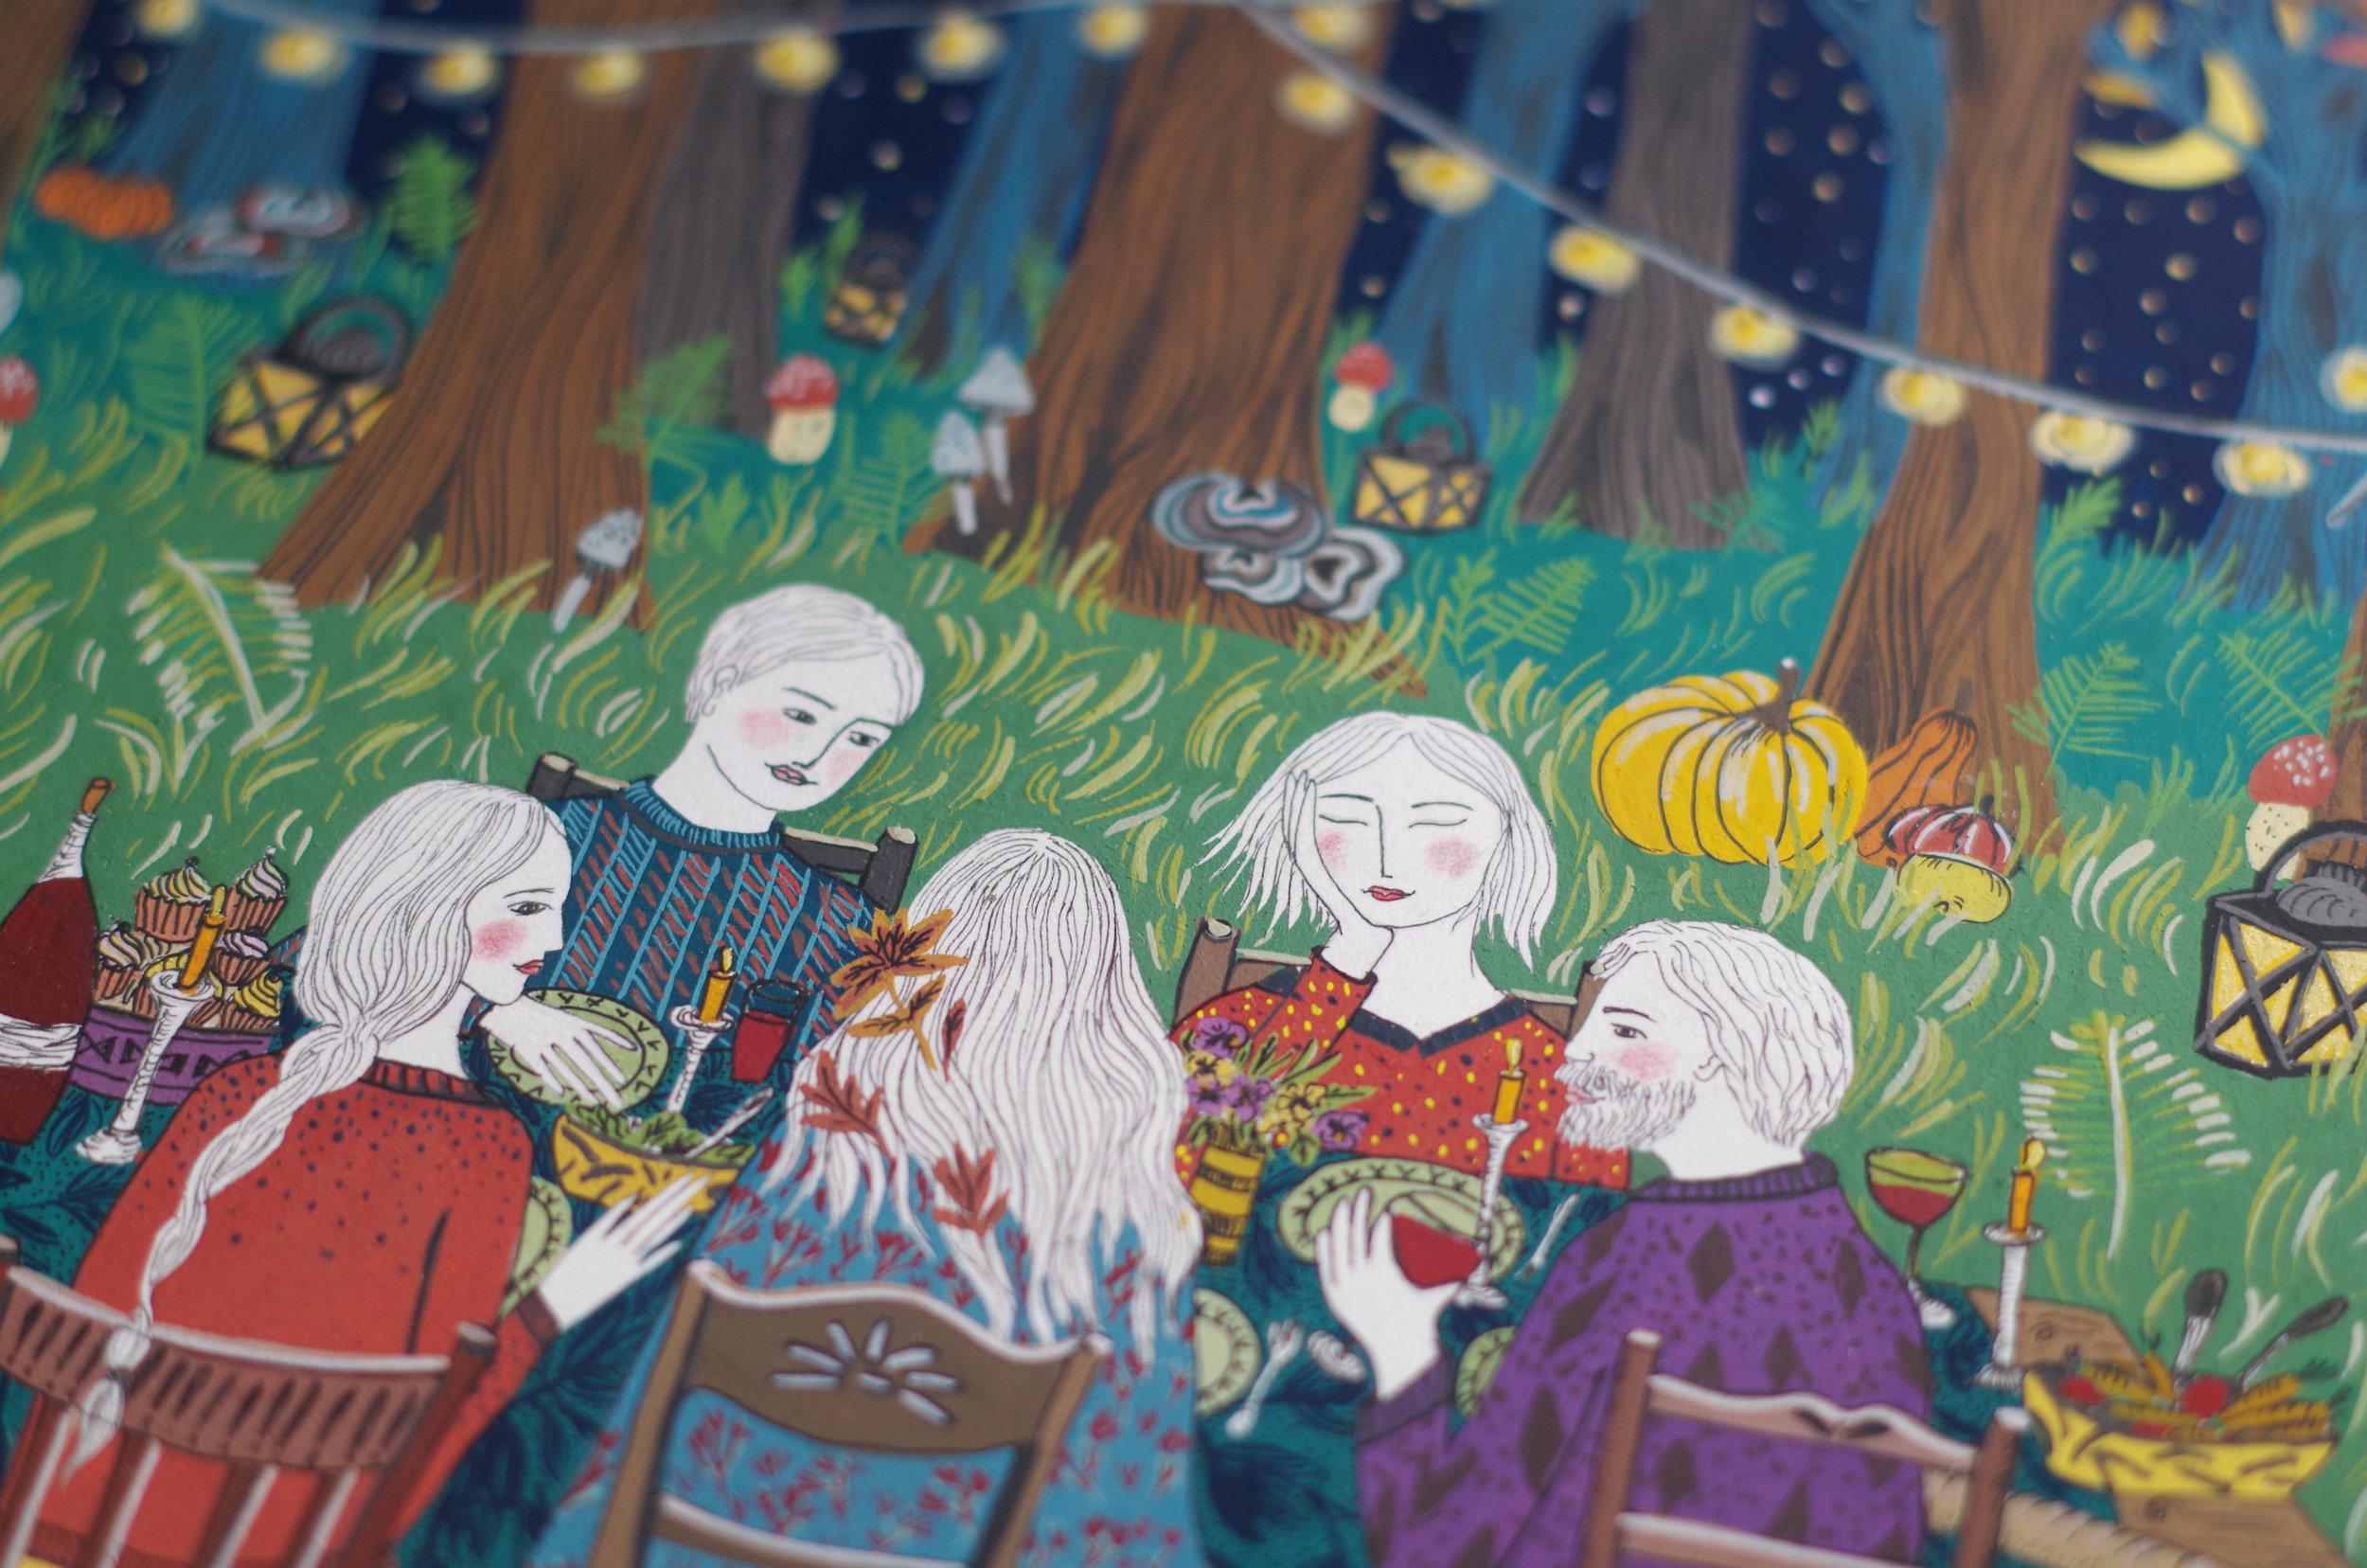 8autumnfeast_illustration_janina_bourosu.jpg